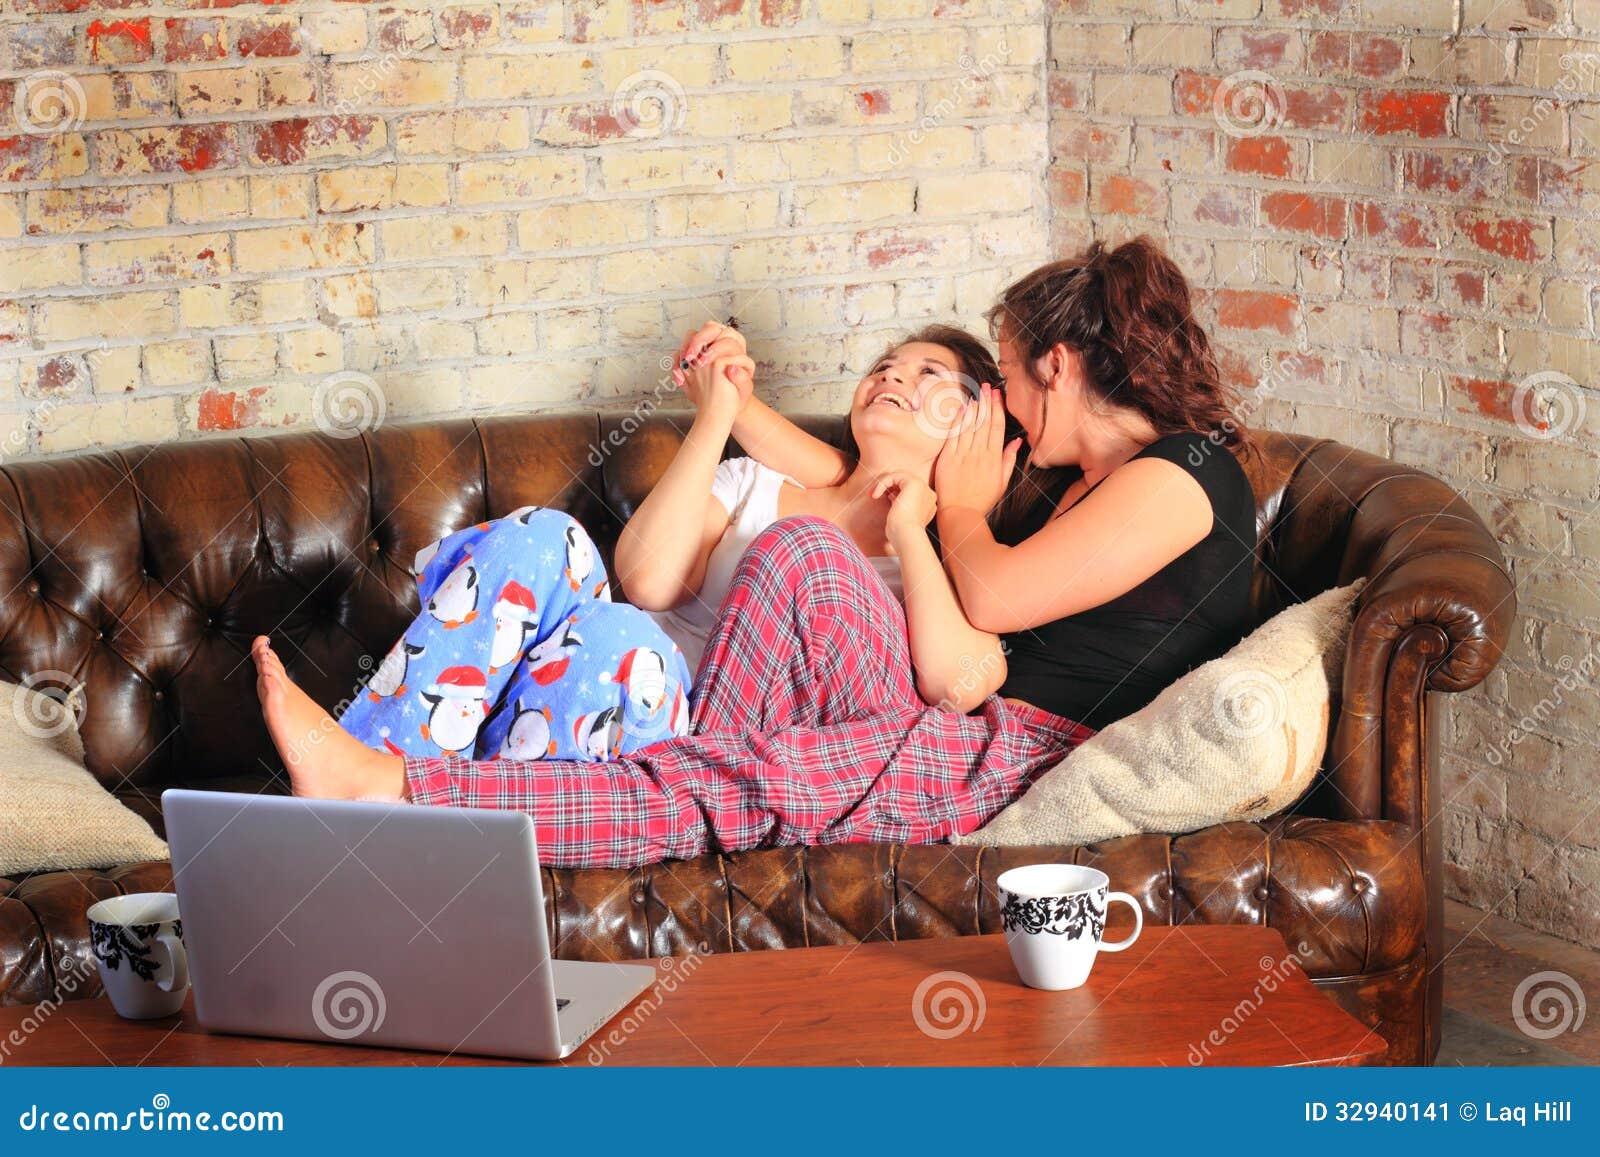 Video de sexo adolescente en la fiesta de pijamas